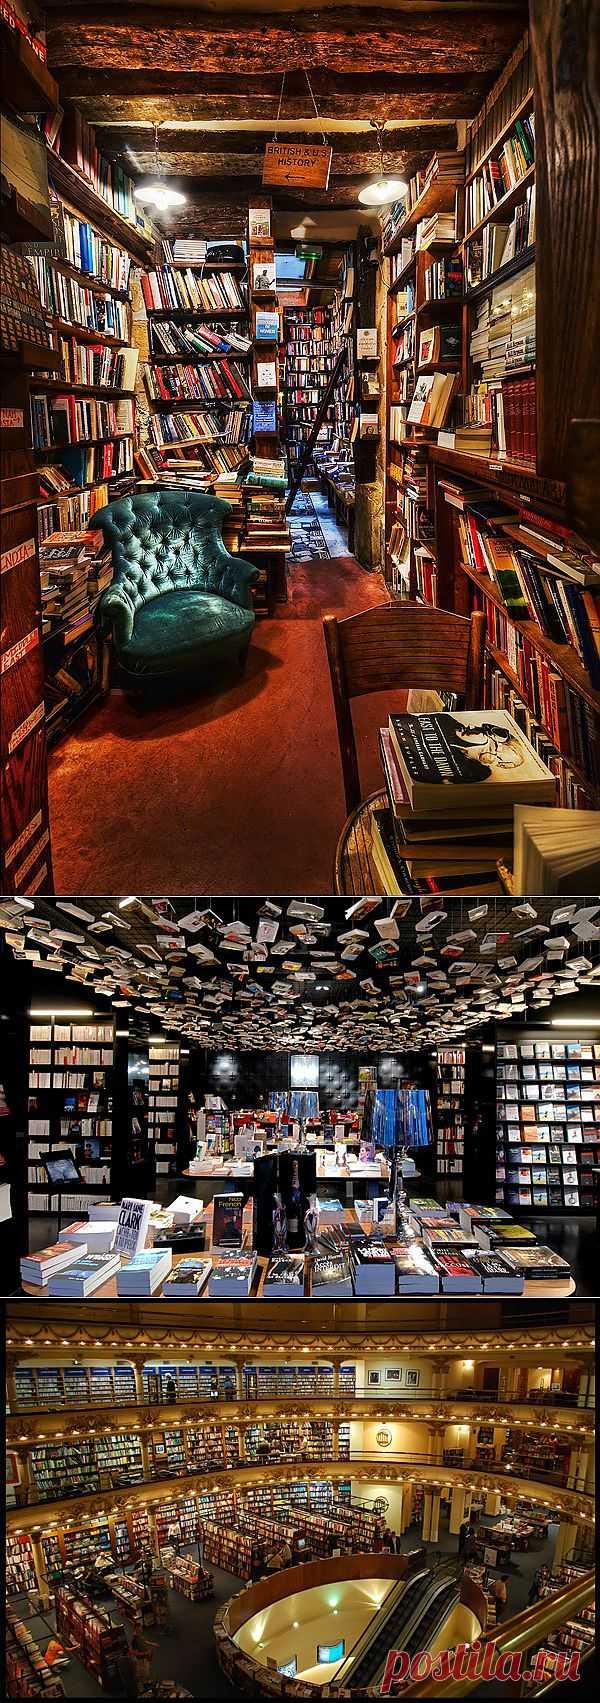 Самые интересные книжные магазины / Дизайн интерьера / Архимир